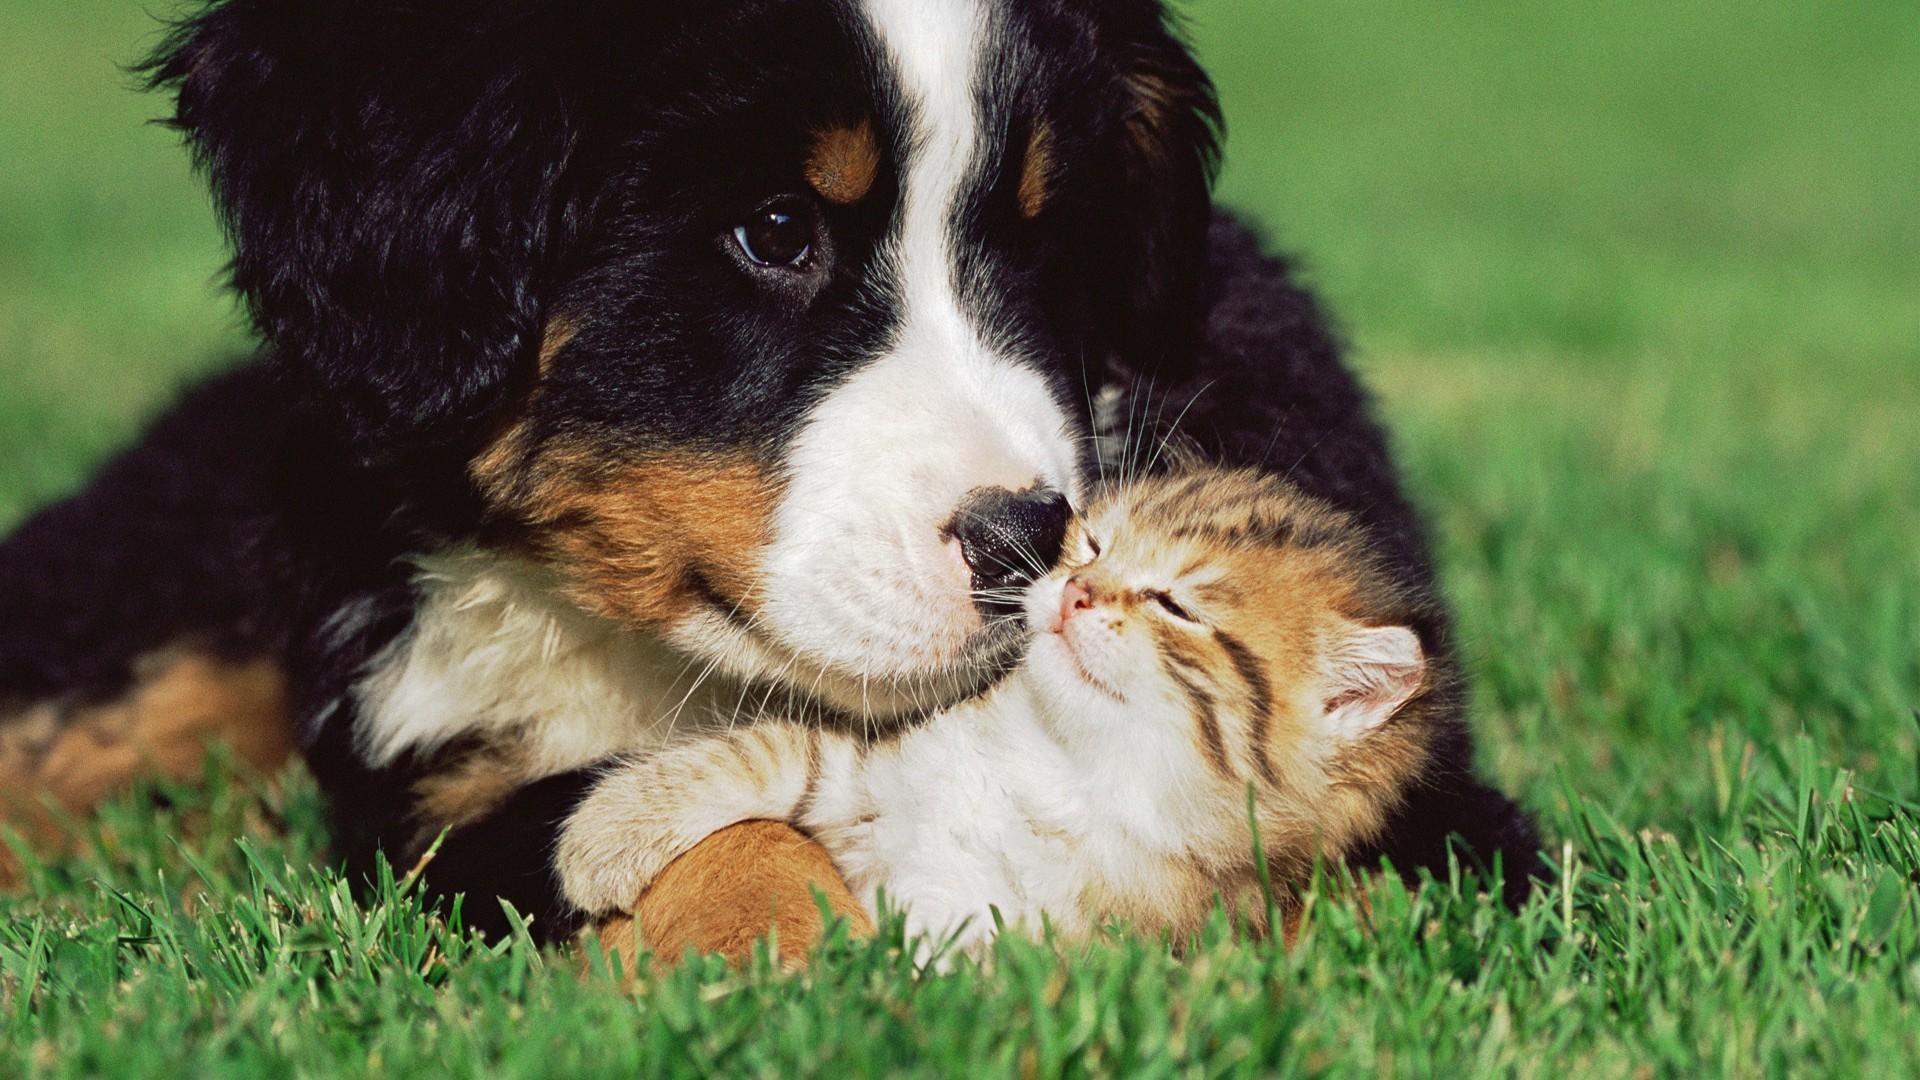 Cats Dogs Kittens Grass Animals puppy cute love wallpaper | .